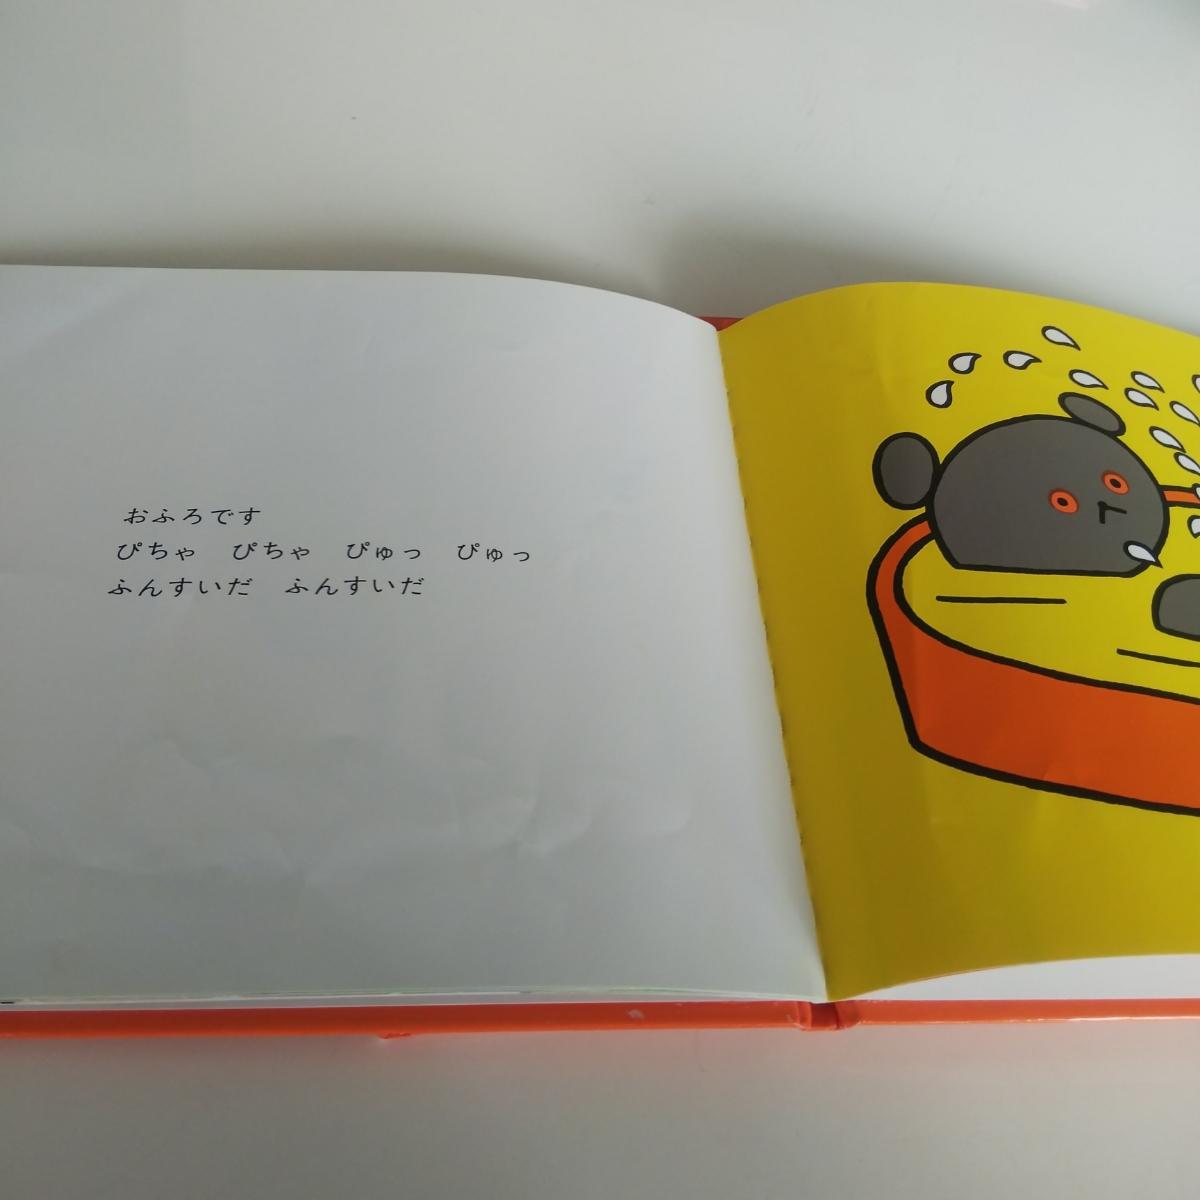 3冊★送料無料★しろくまのほっとけーき★こぐまちゃんおはよう★こぐまちゃんのみずあそび わかやまけん作 中古 _画像10